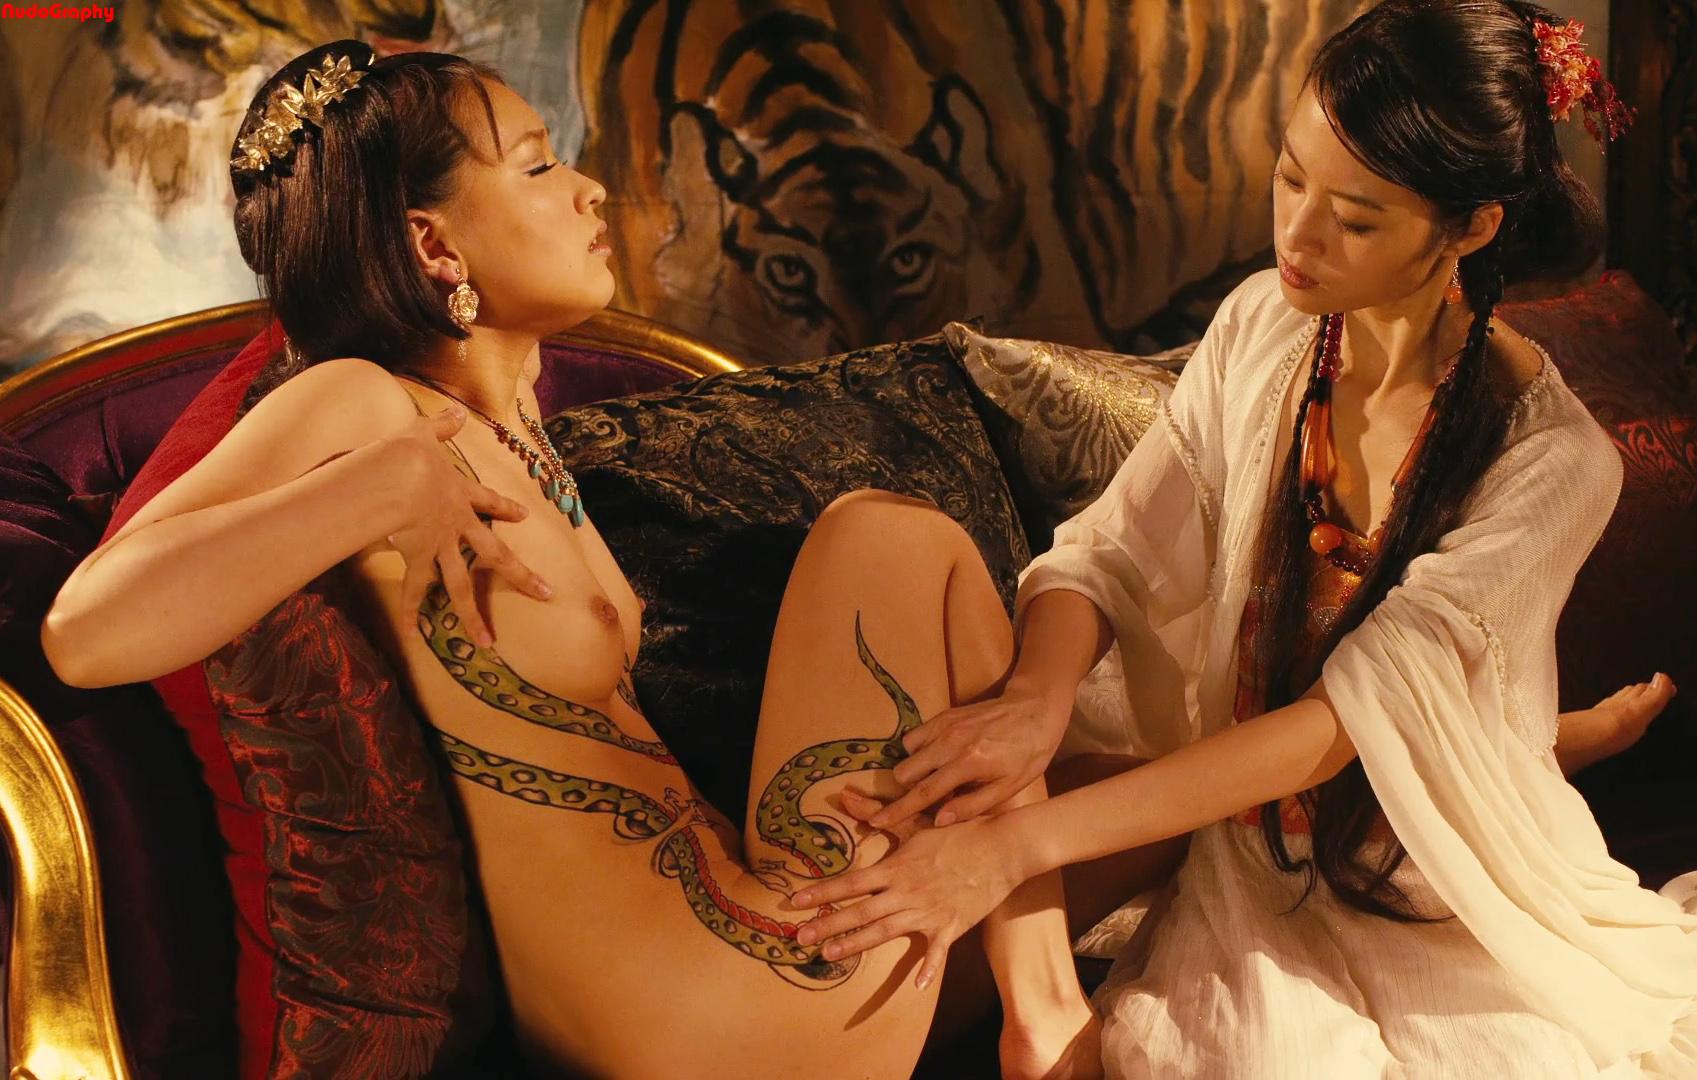 eroticheskie-kinofilmi-s-vosproizvedeniem